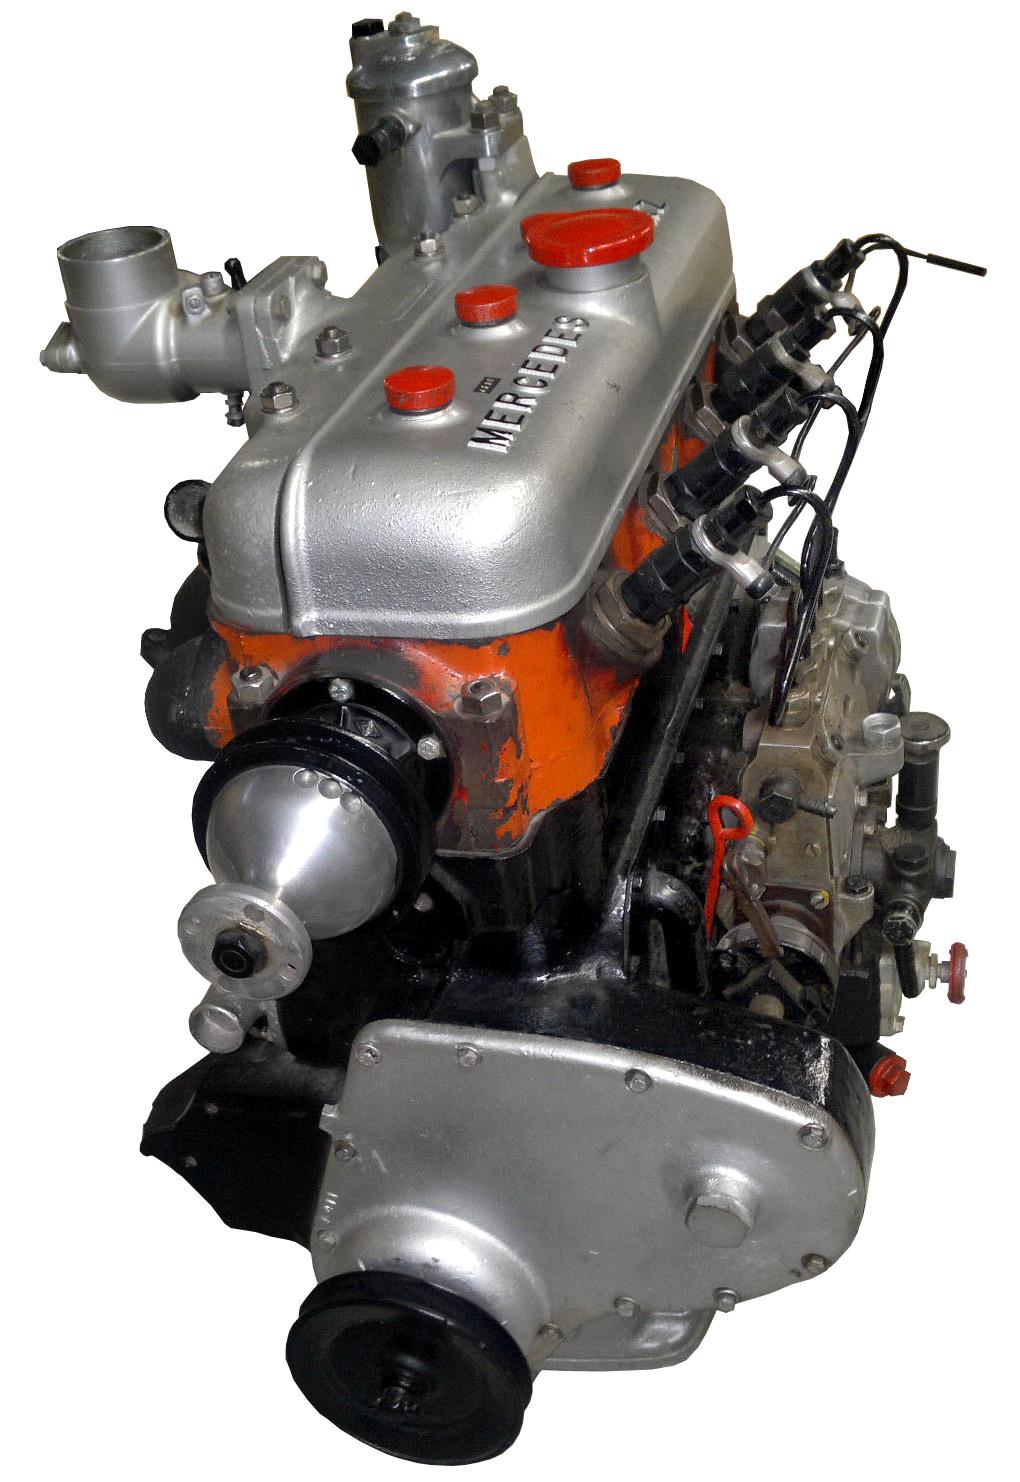 Abgebildet ist der erste Dieselmotor für einen Pkw der Welt: der 260D von Mercedes Benz